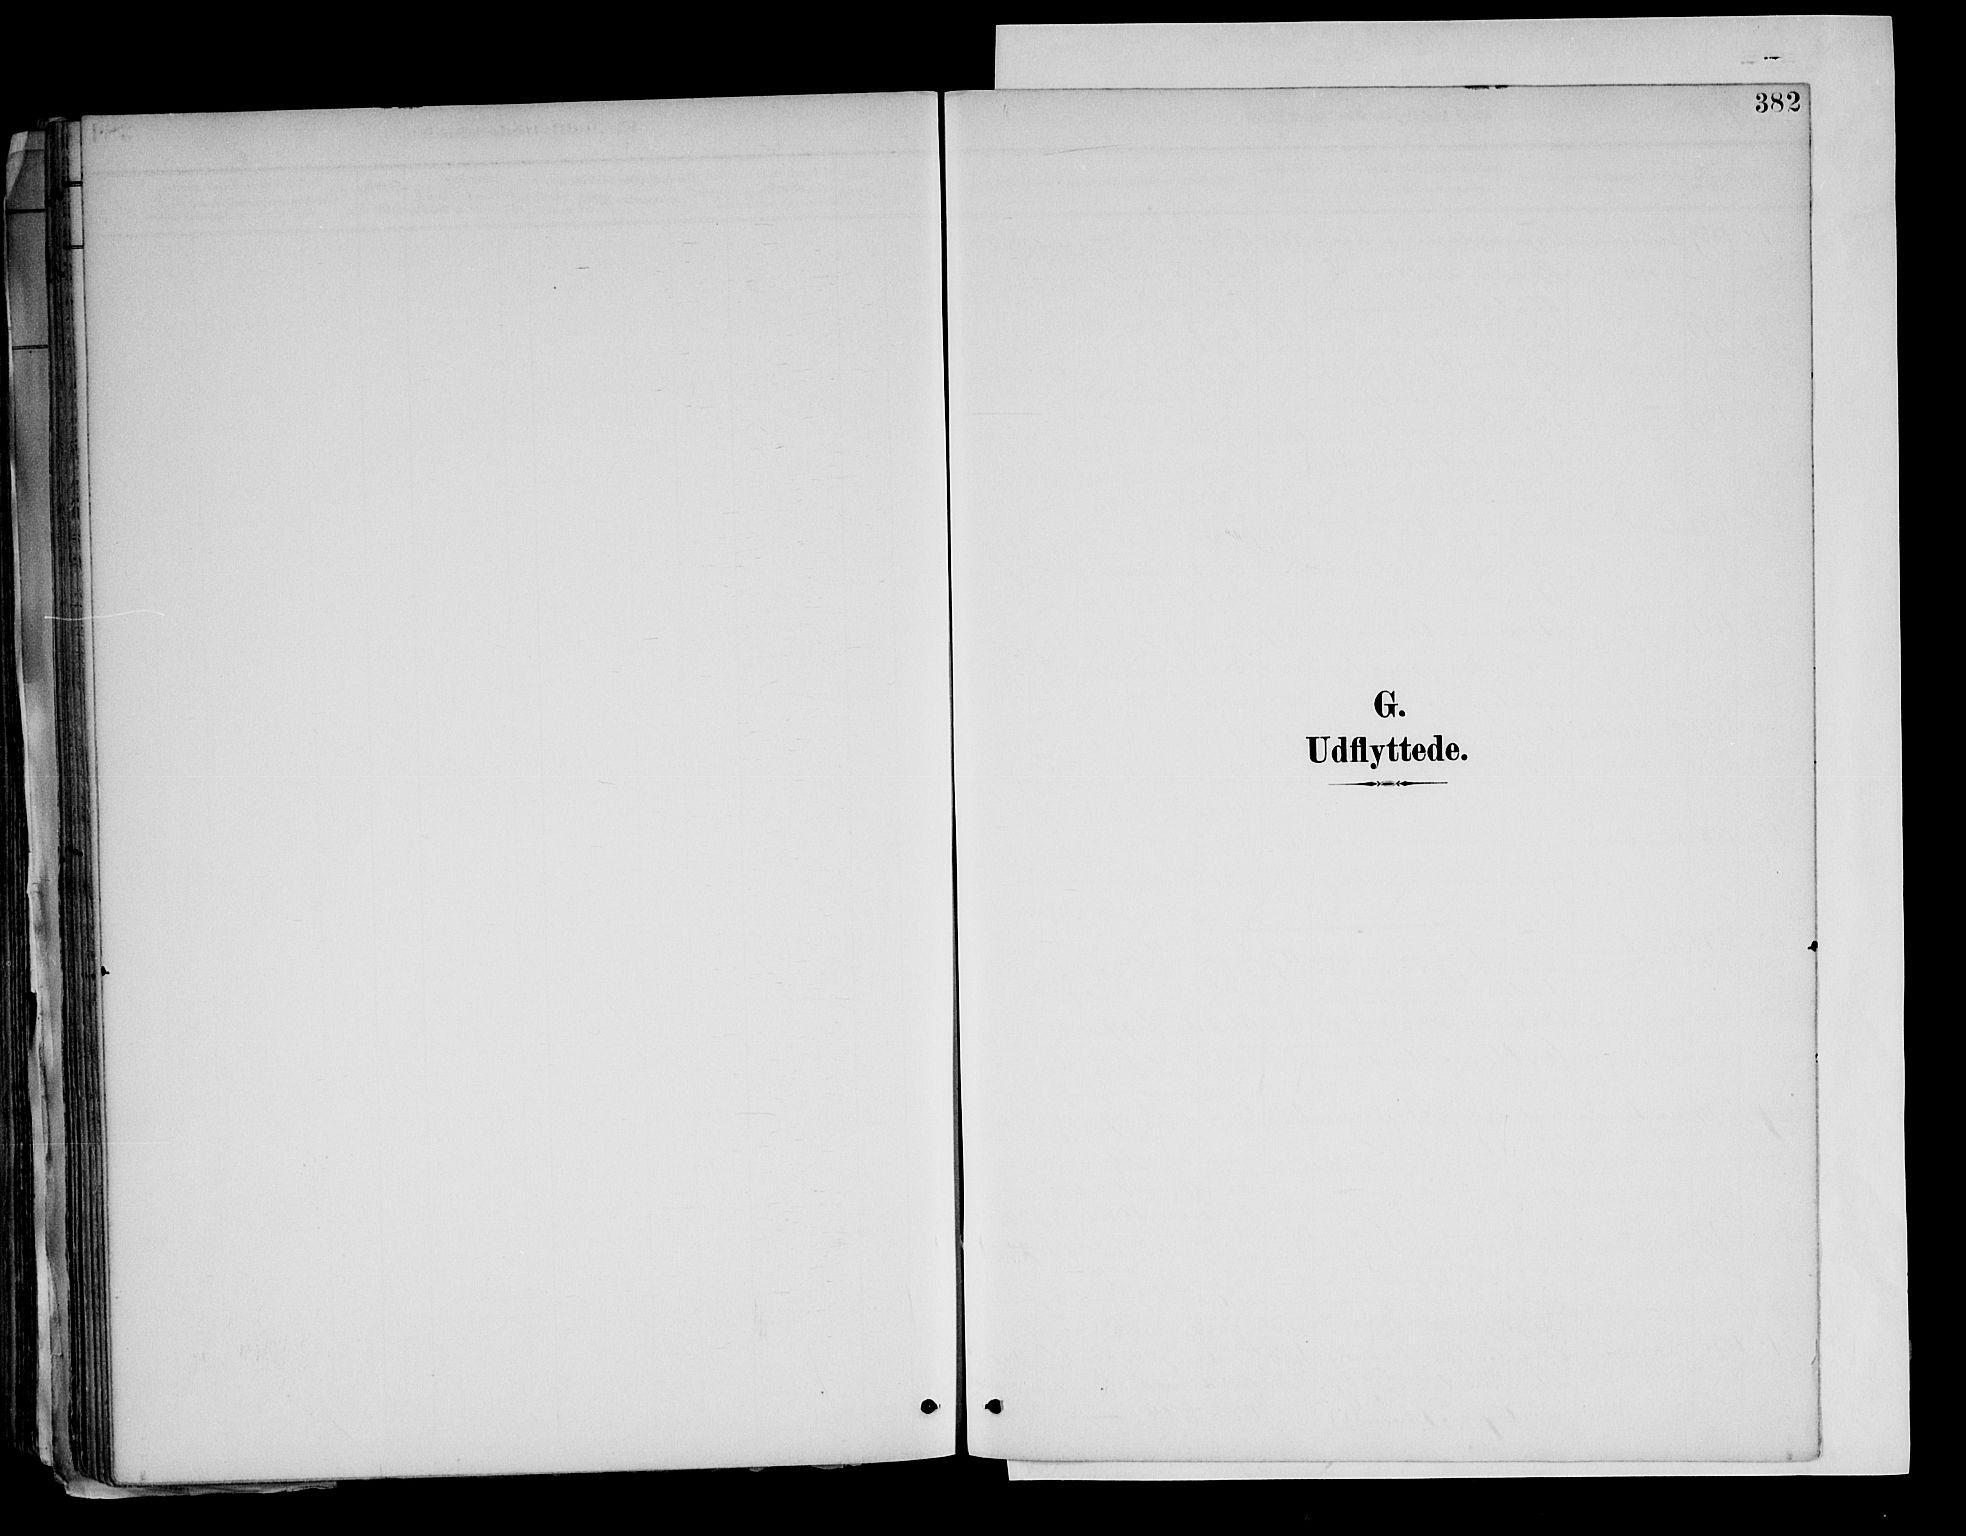 SAH, Brandval prestekontor, H/Ha/Haa/L0003: Ministerialbok nr. 3, 1894-1909, s. 382